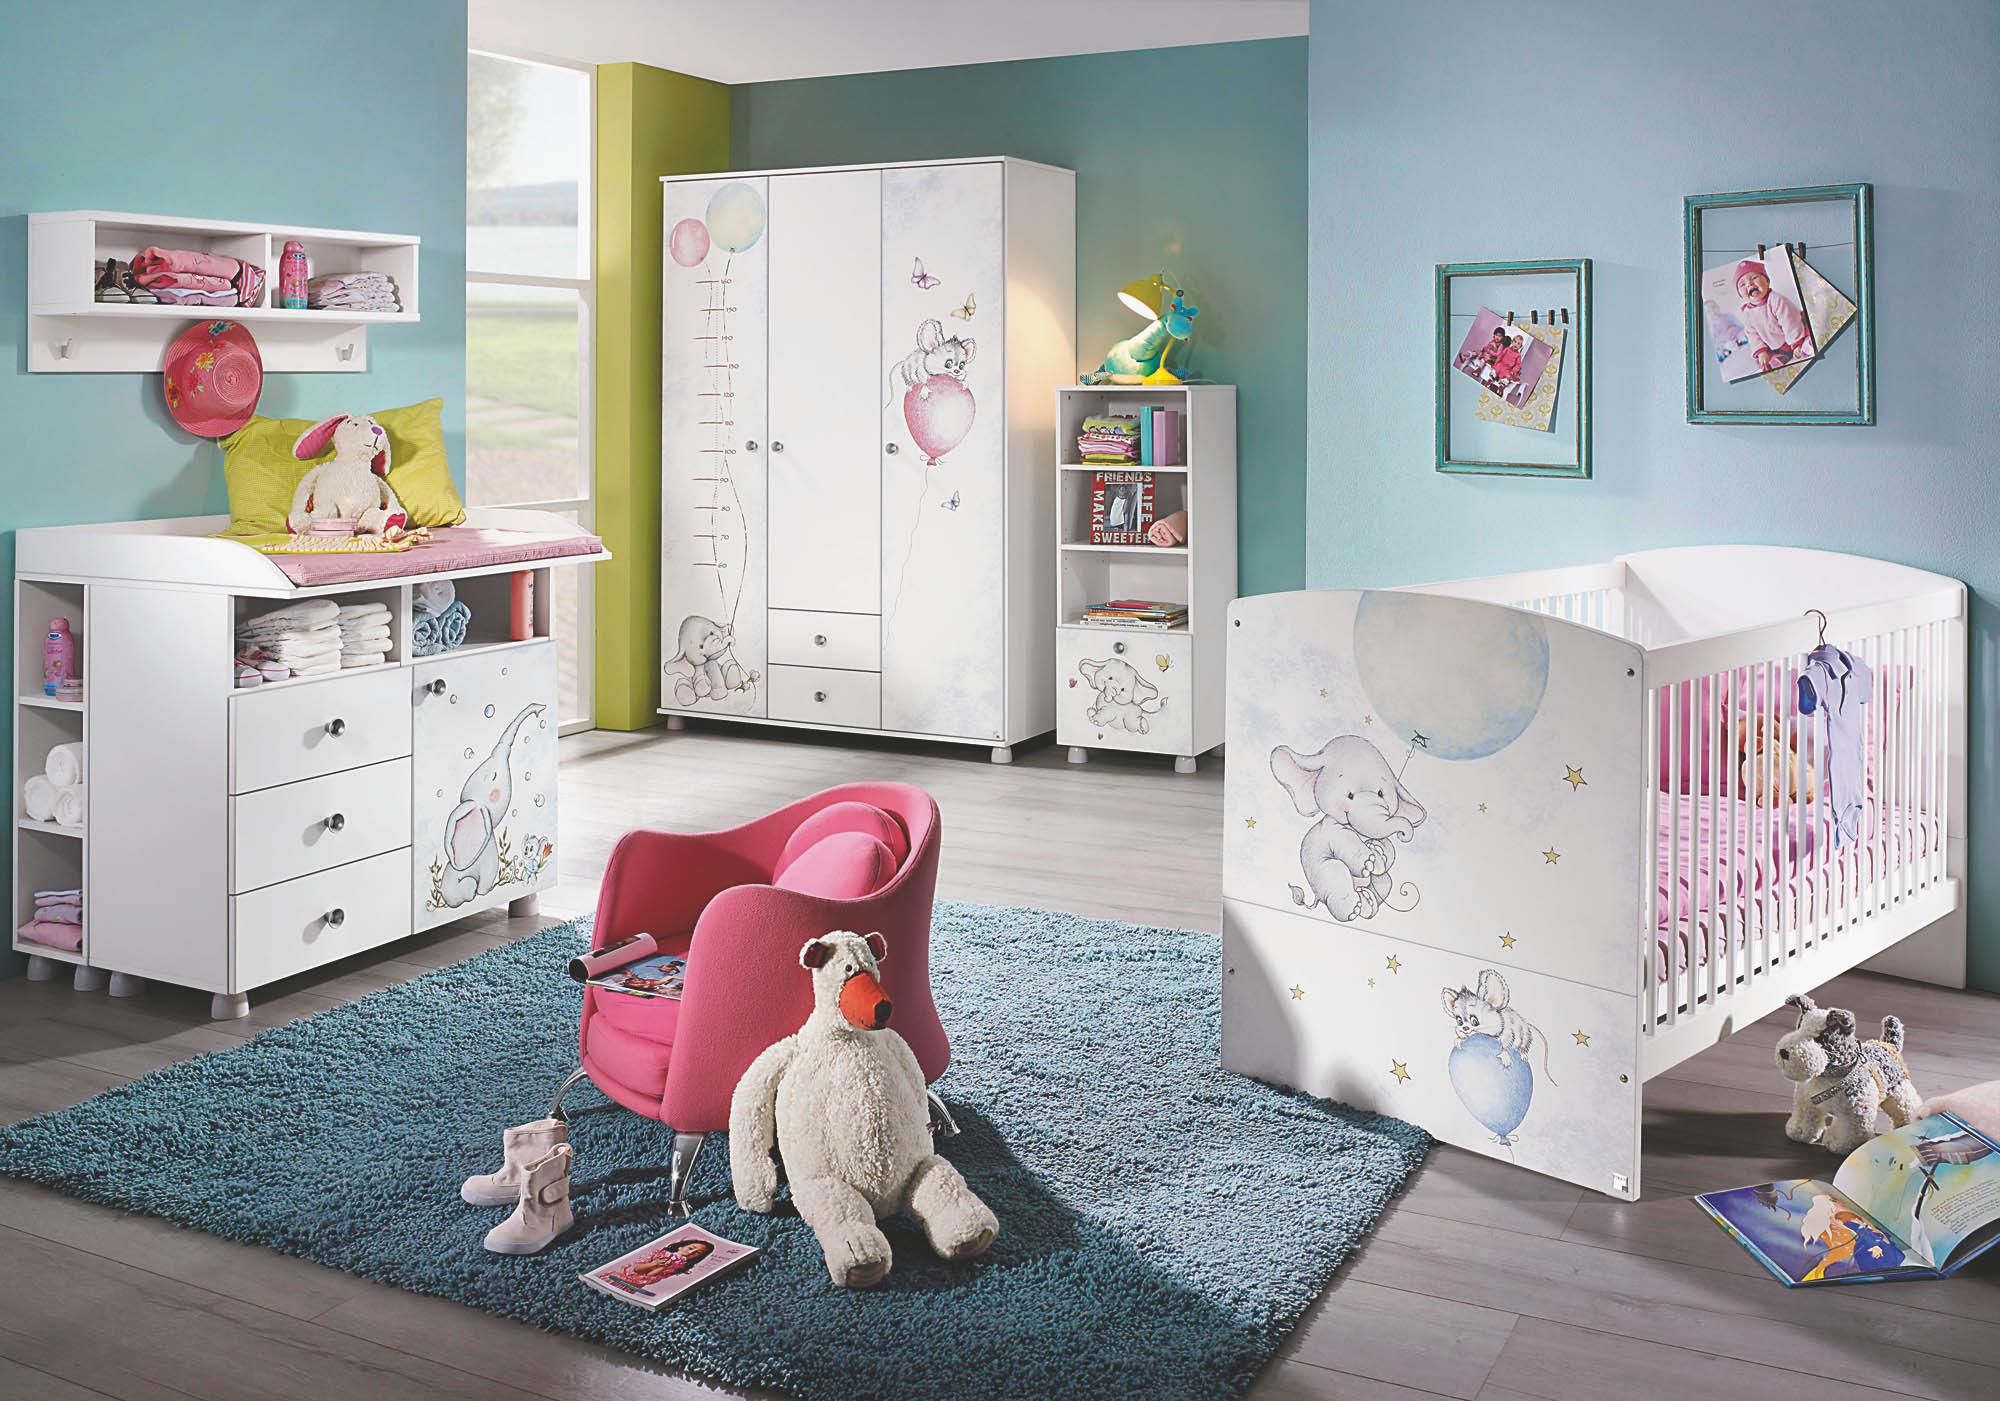 Full Size of Jugend Babyzimmer Regale Kinderzimmer Badezimmer Einrichten Regal Weiß Kleine Küche Sofa Kinderzimmer Kinderzimmer Einrichten Junge